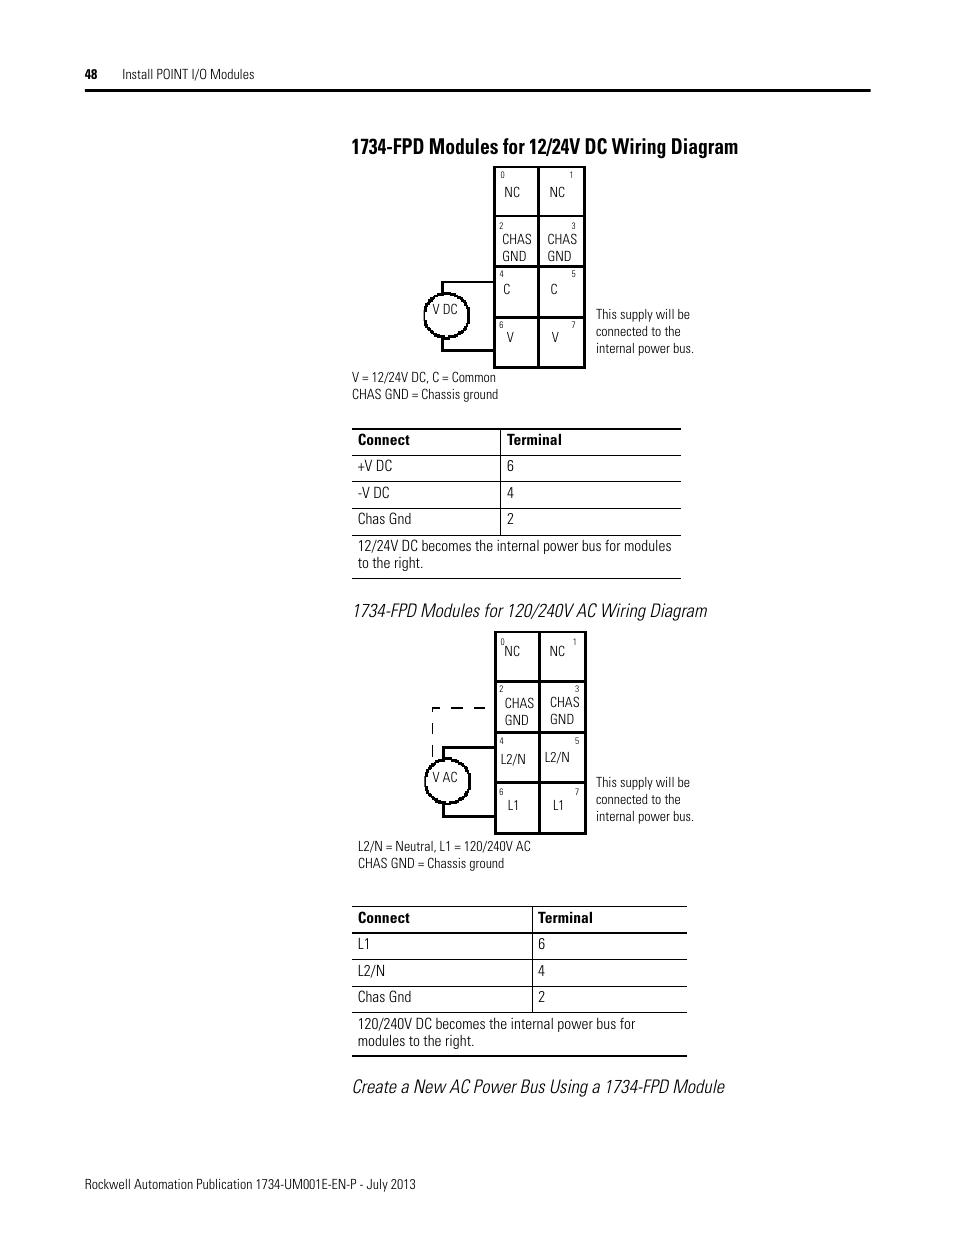 1734-ob8s Wiring Diagram